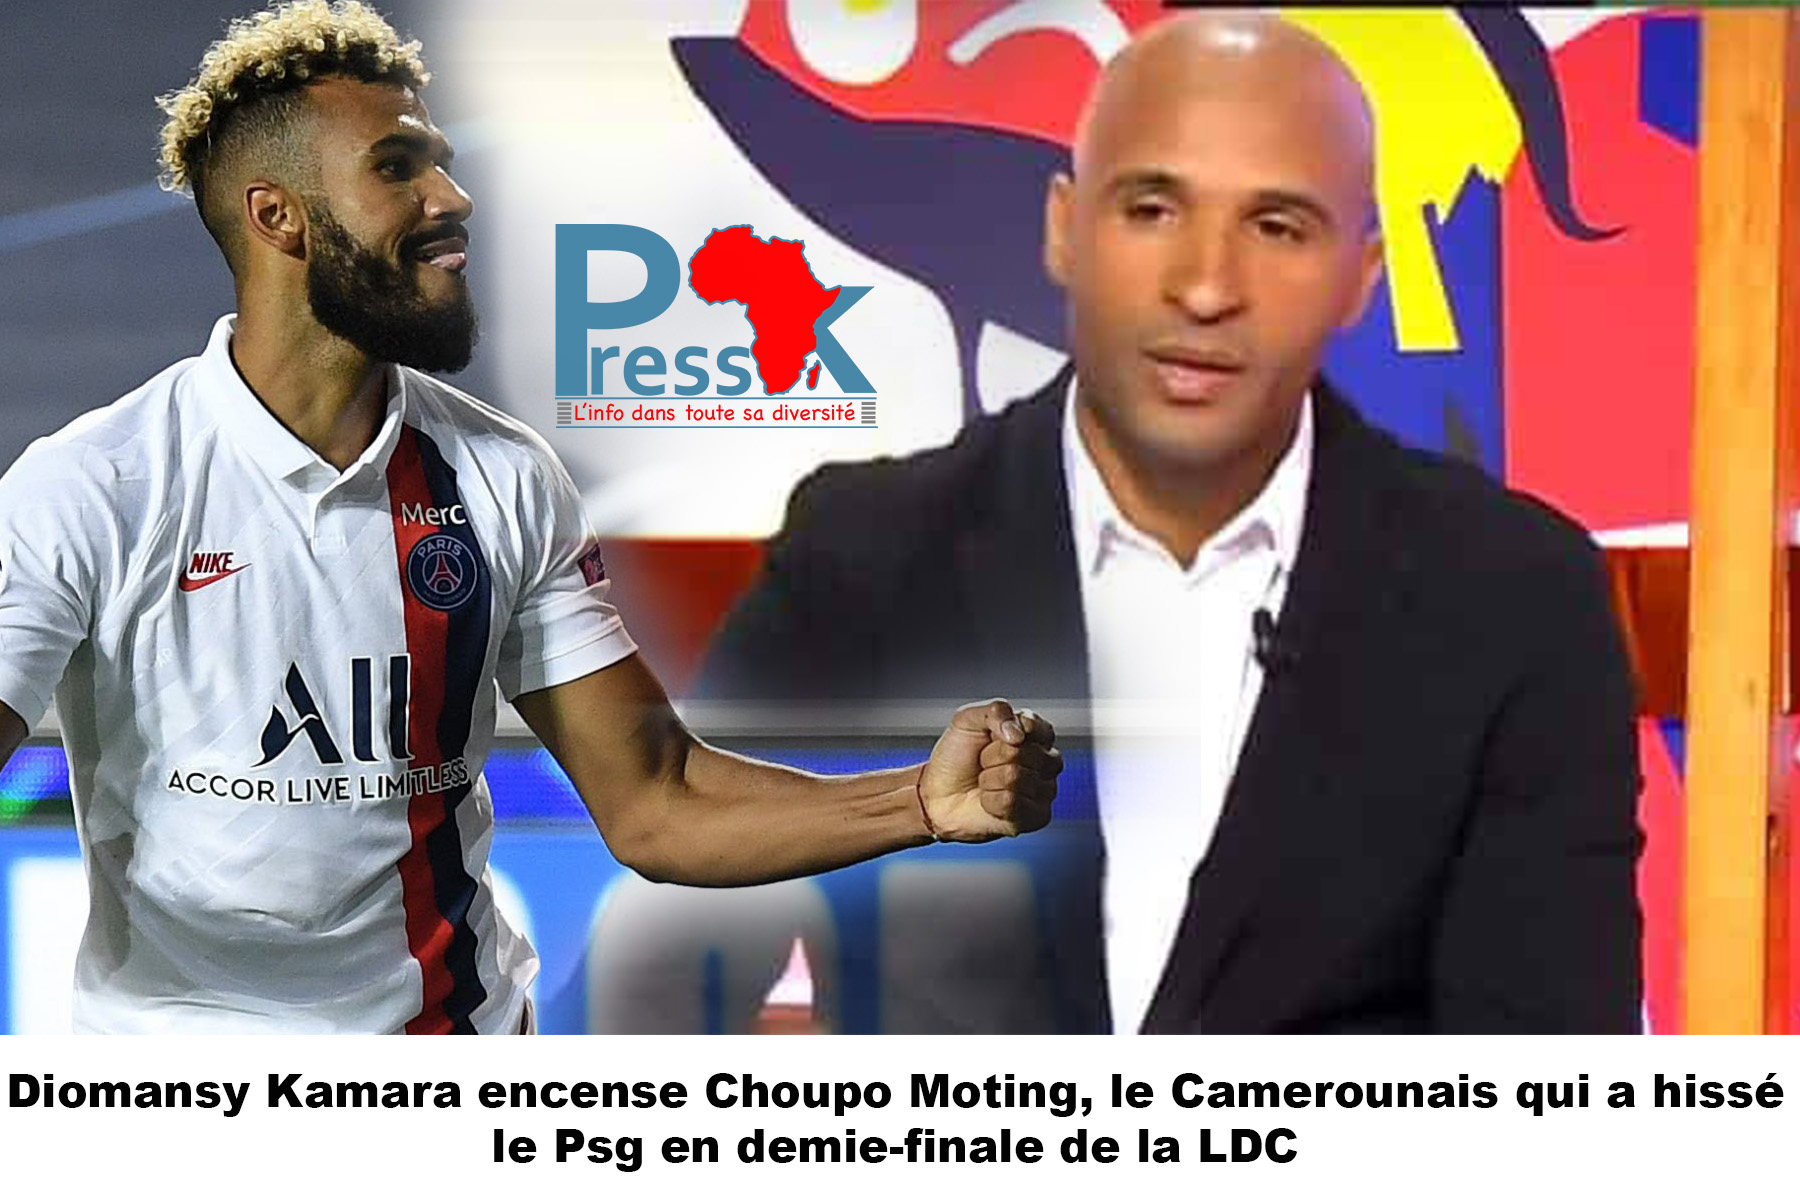 Qualification PSG en demi-finale LDC: Diomansy Kamara encense Choupo Moting et descend ses détracteurs